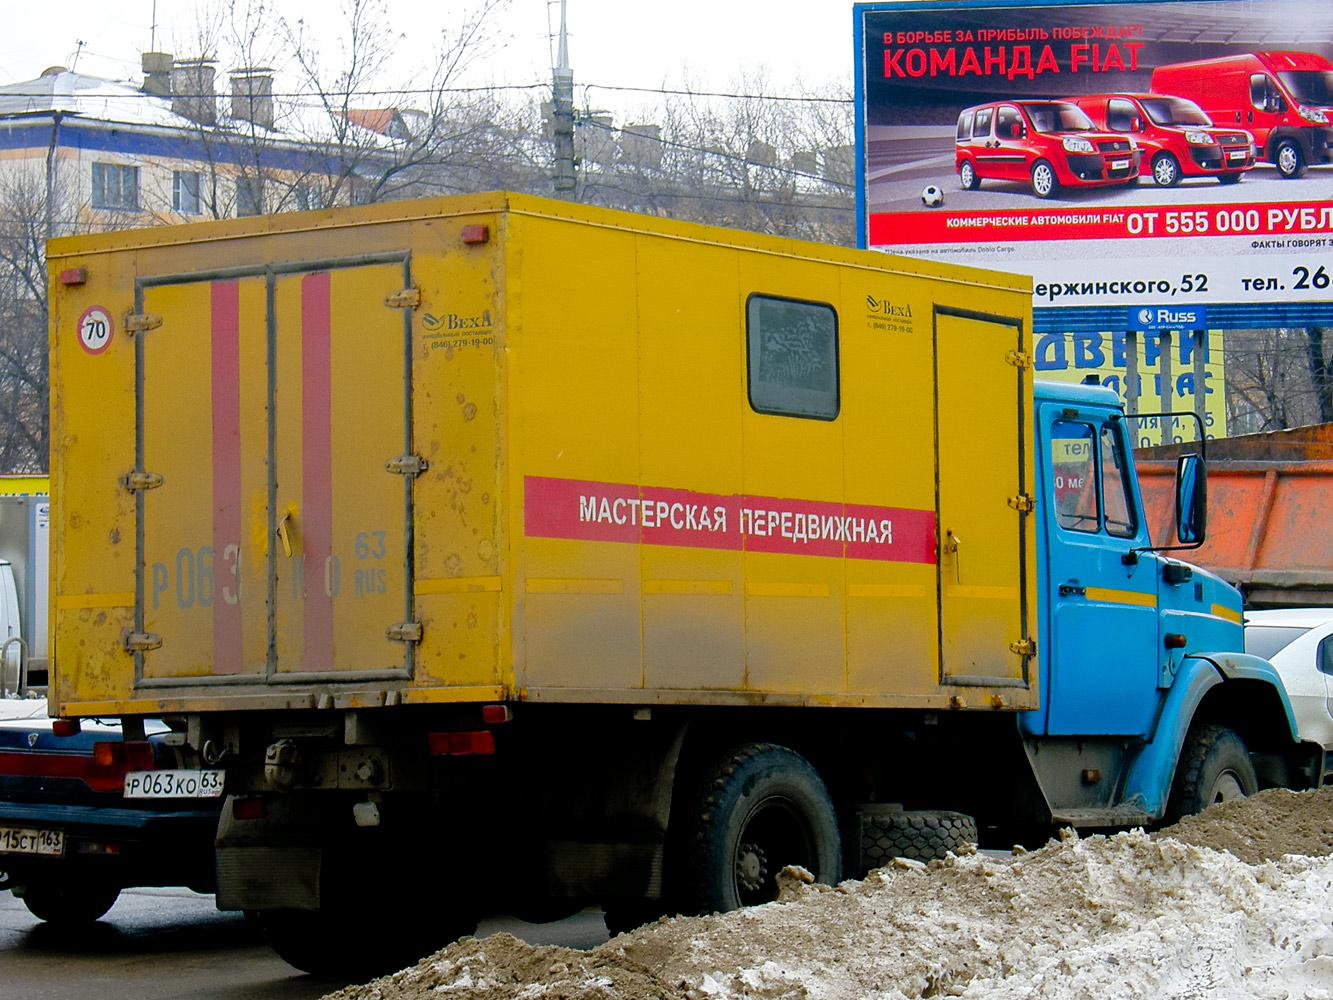 ЗиЛ-4333 #Р 063 КО 63. Самара, улица Гагарина